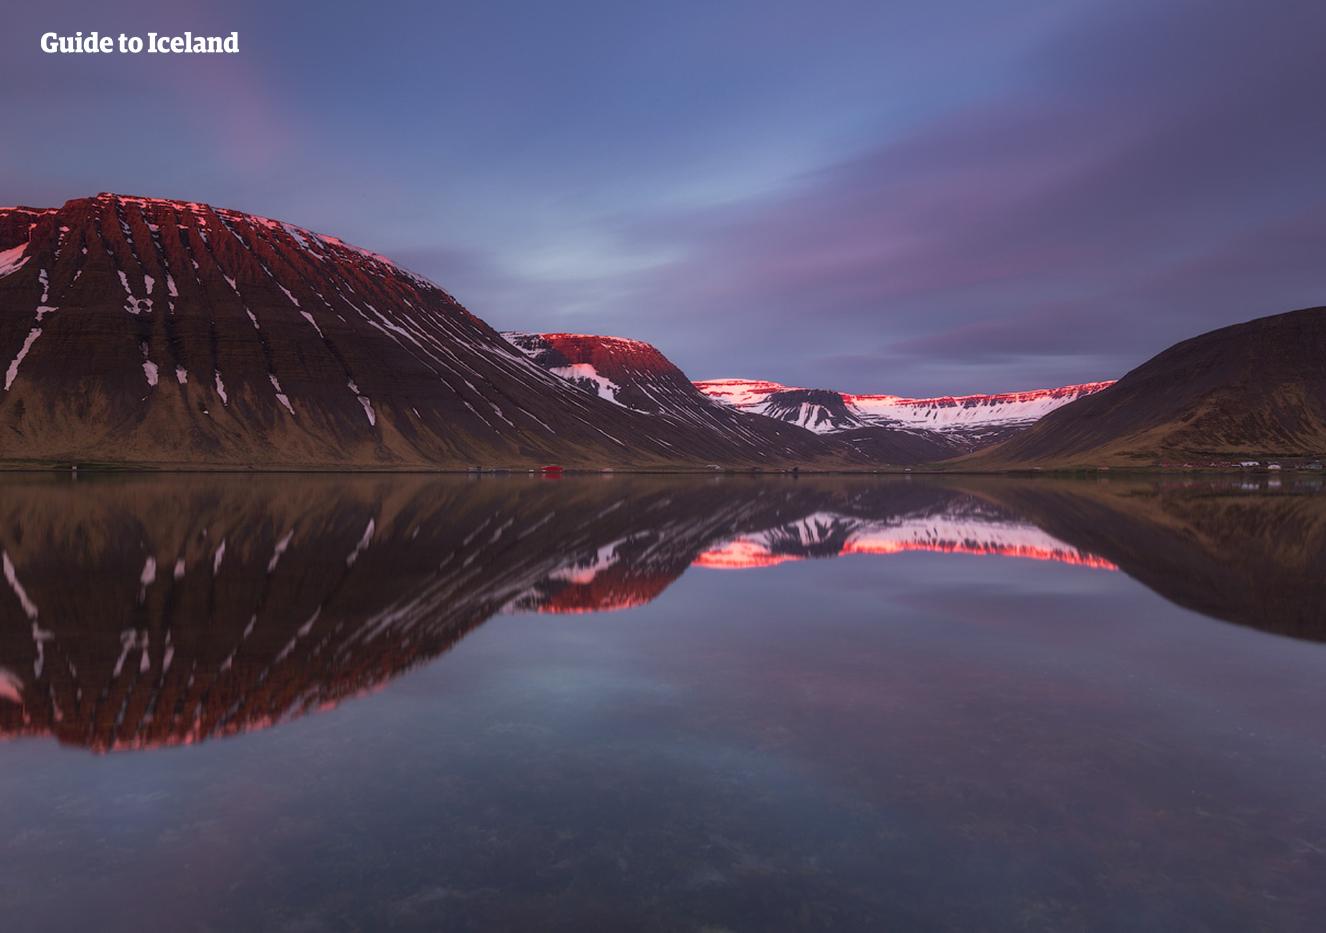 아이슬란드 웨스트피요르드의 아름다운 전망.